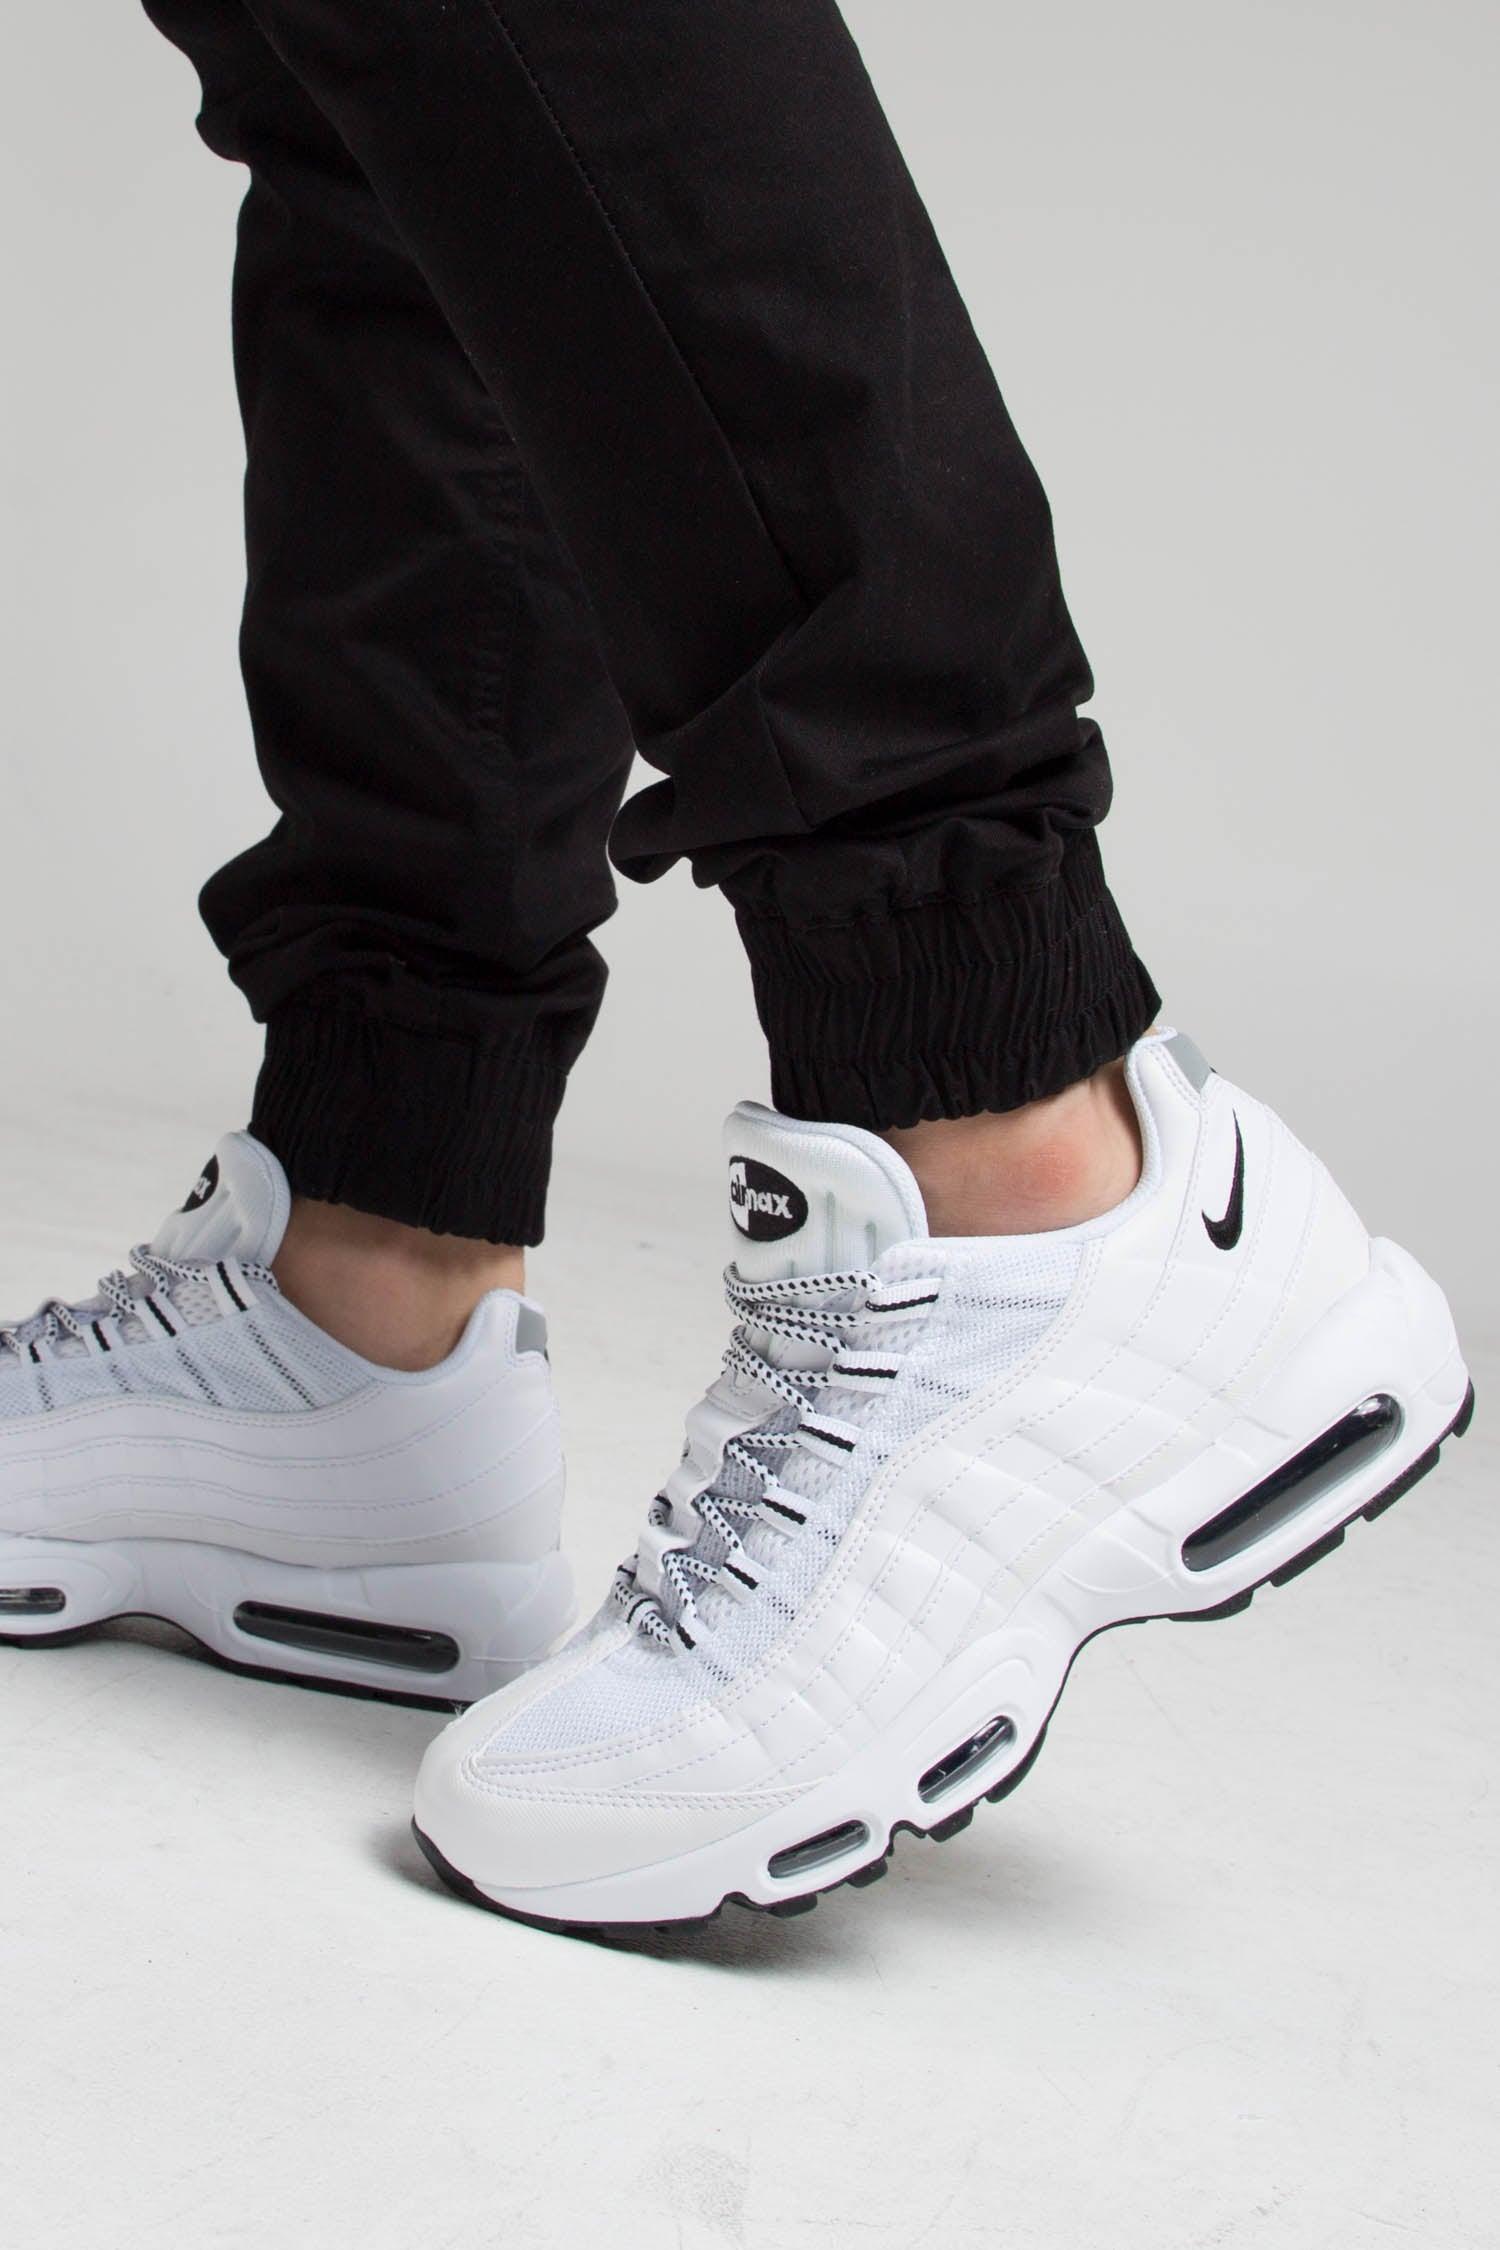 Nike AIR MAX 95 'GRAPE' 609048 030